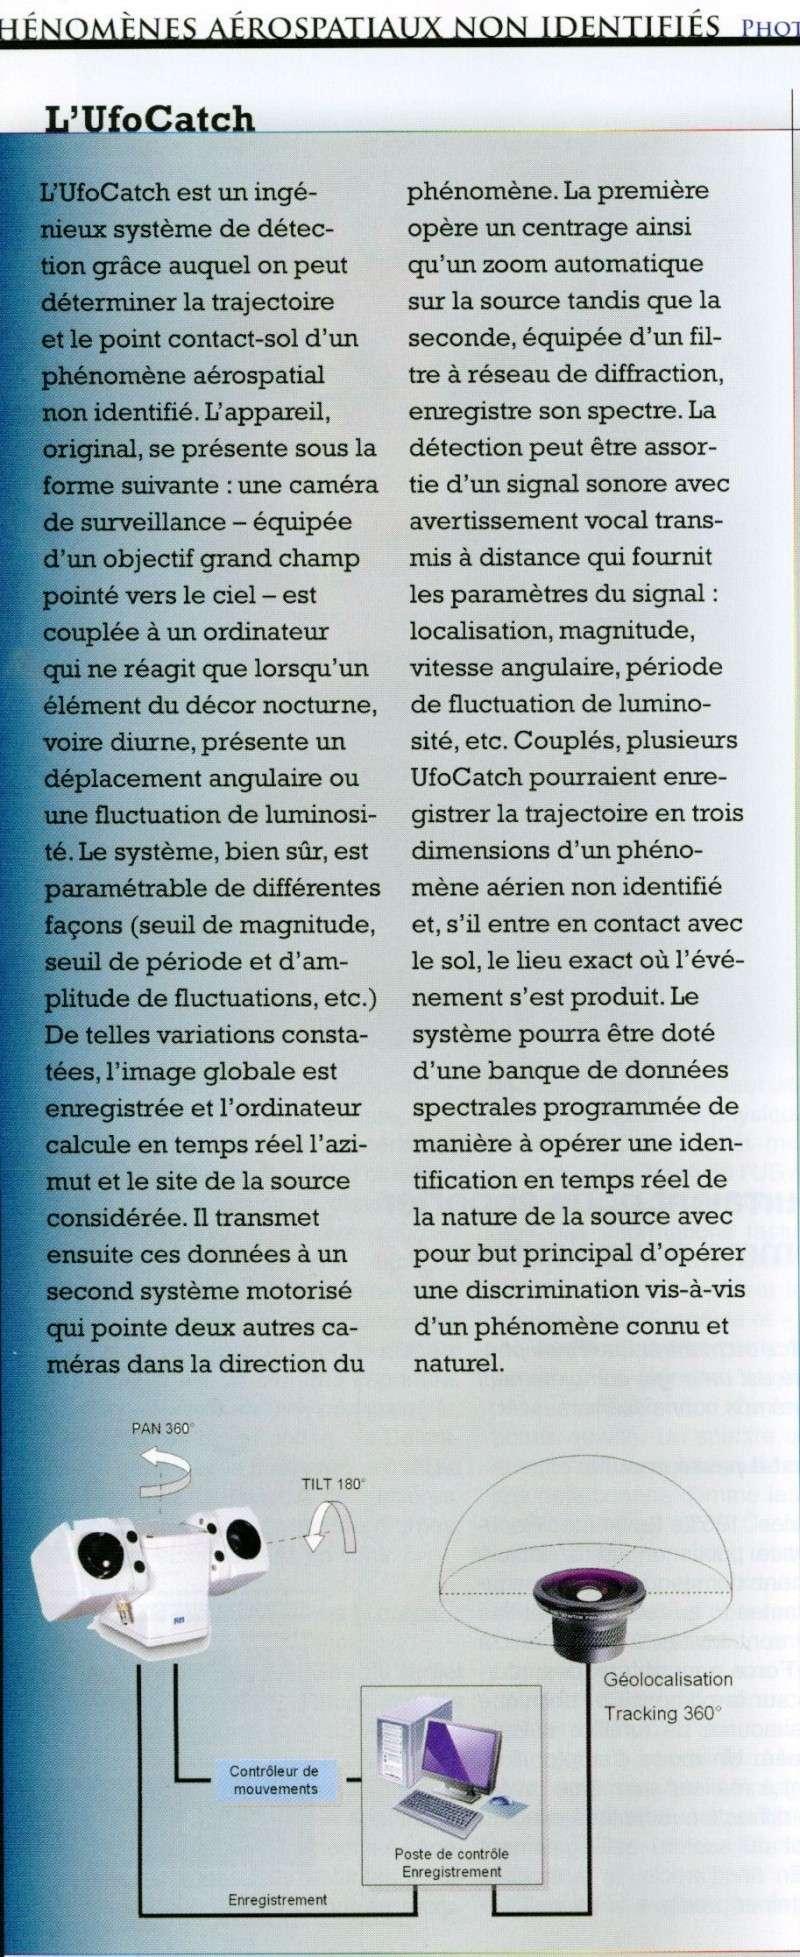 - Station de detection dans Science et Inexpliqué n°11 Oct 2009 Extrai11